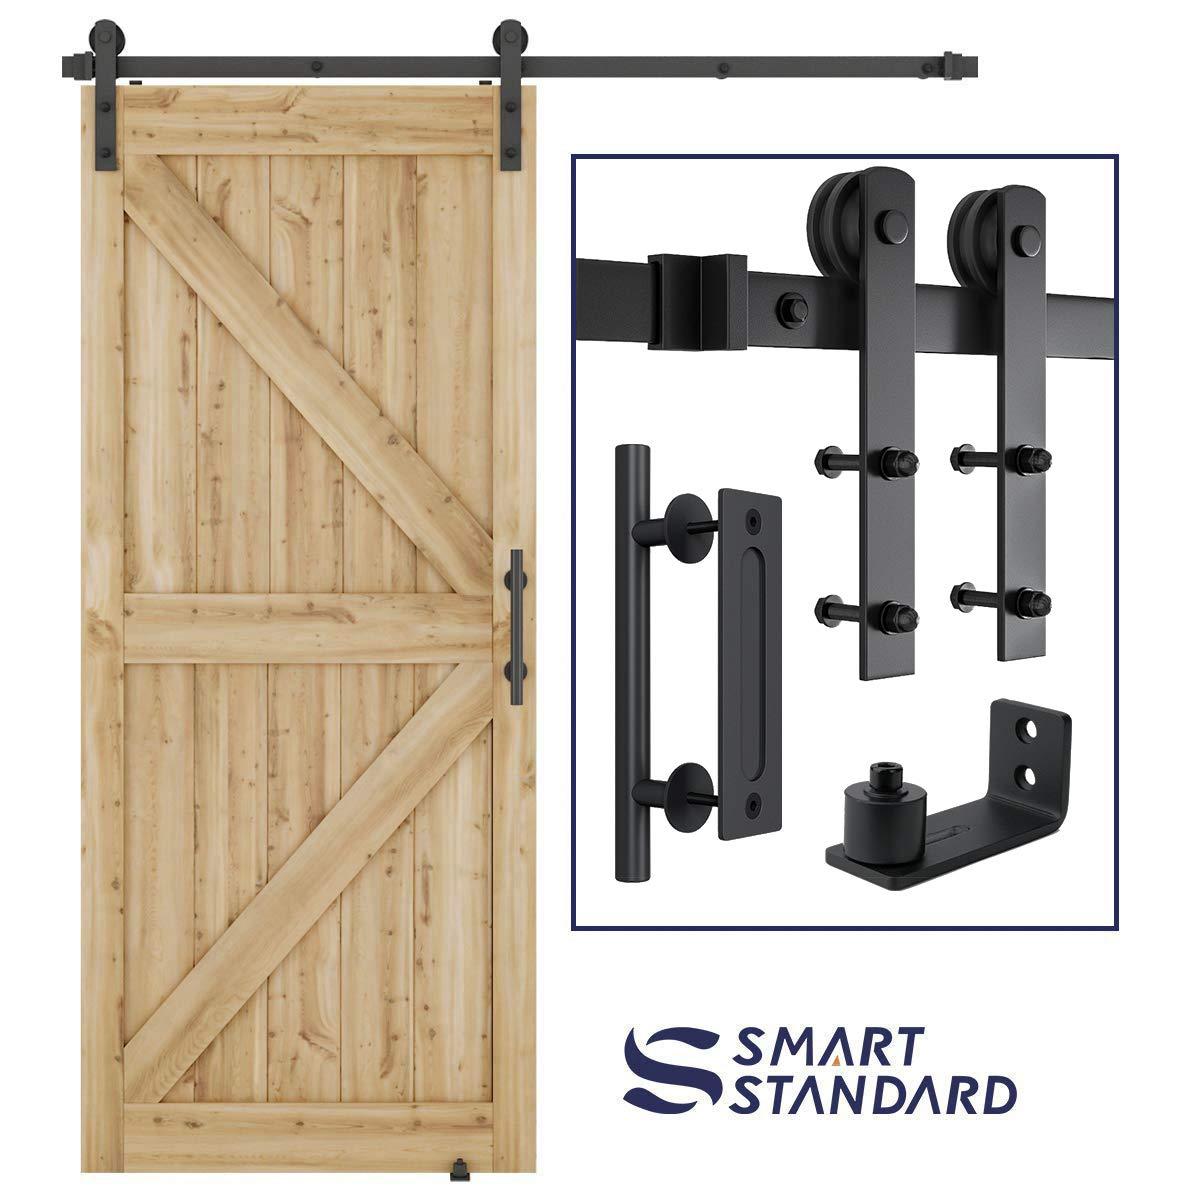 Kit de herramientas para puerta corredera de granero resistente de 1,8 m, barra doble de